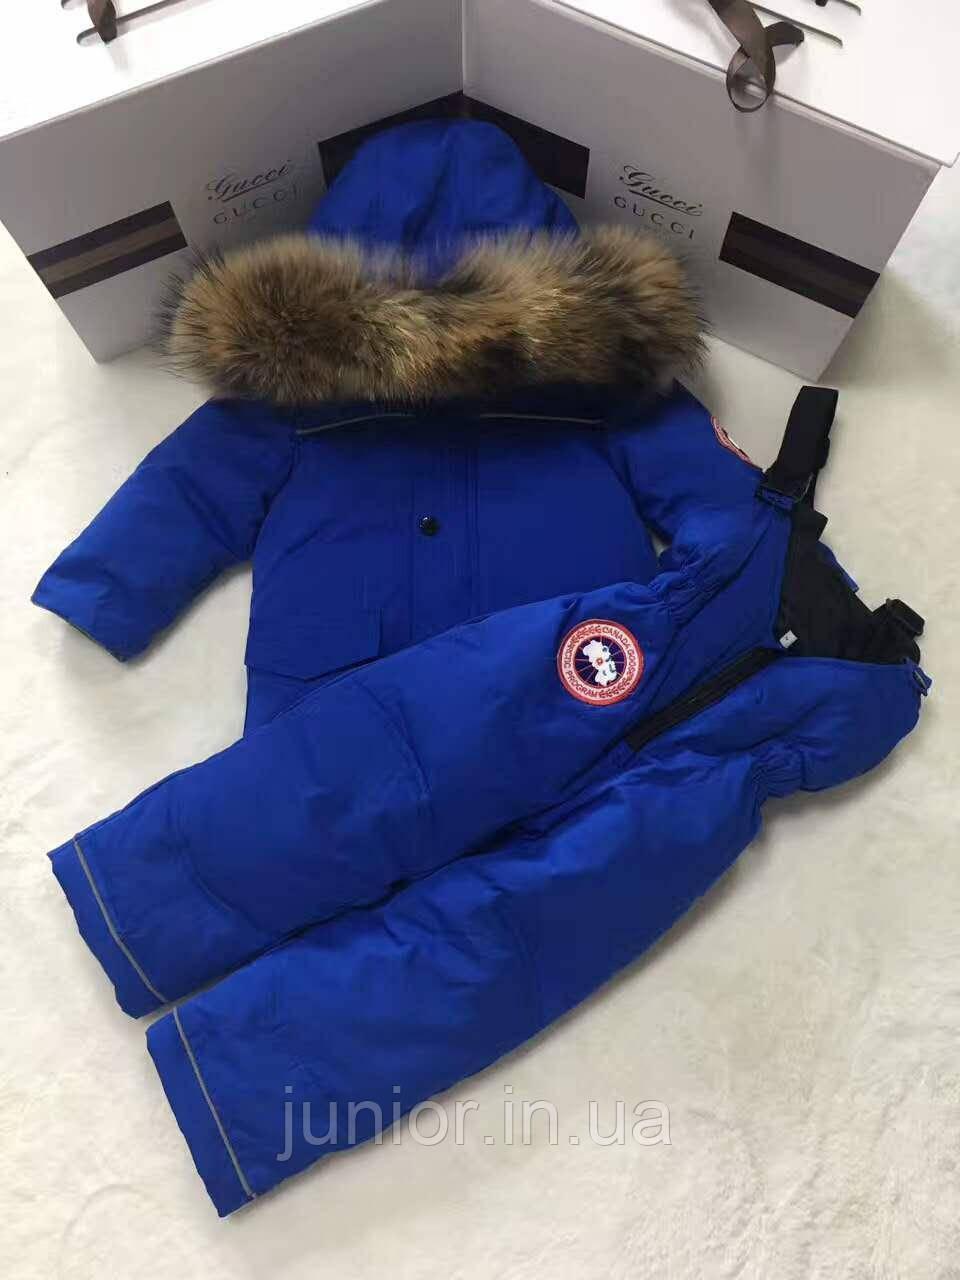 7a4b53531e9c CANADA GOOSE зимний детский раздельный комбинезон для мальчика -  Оптово-розничный интернет-магазин детской